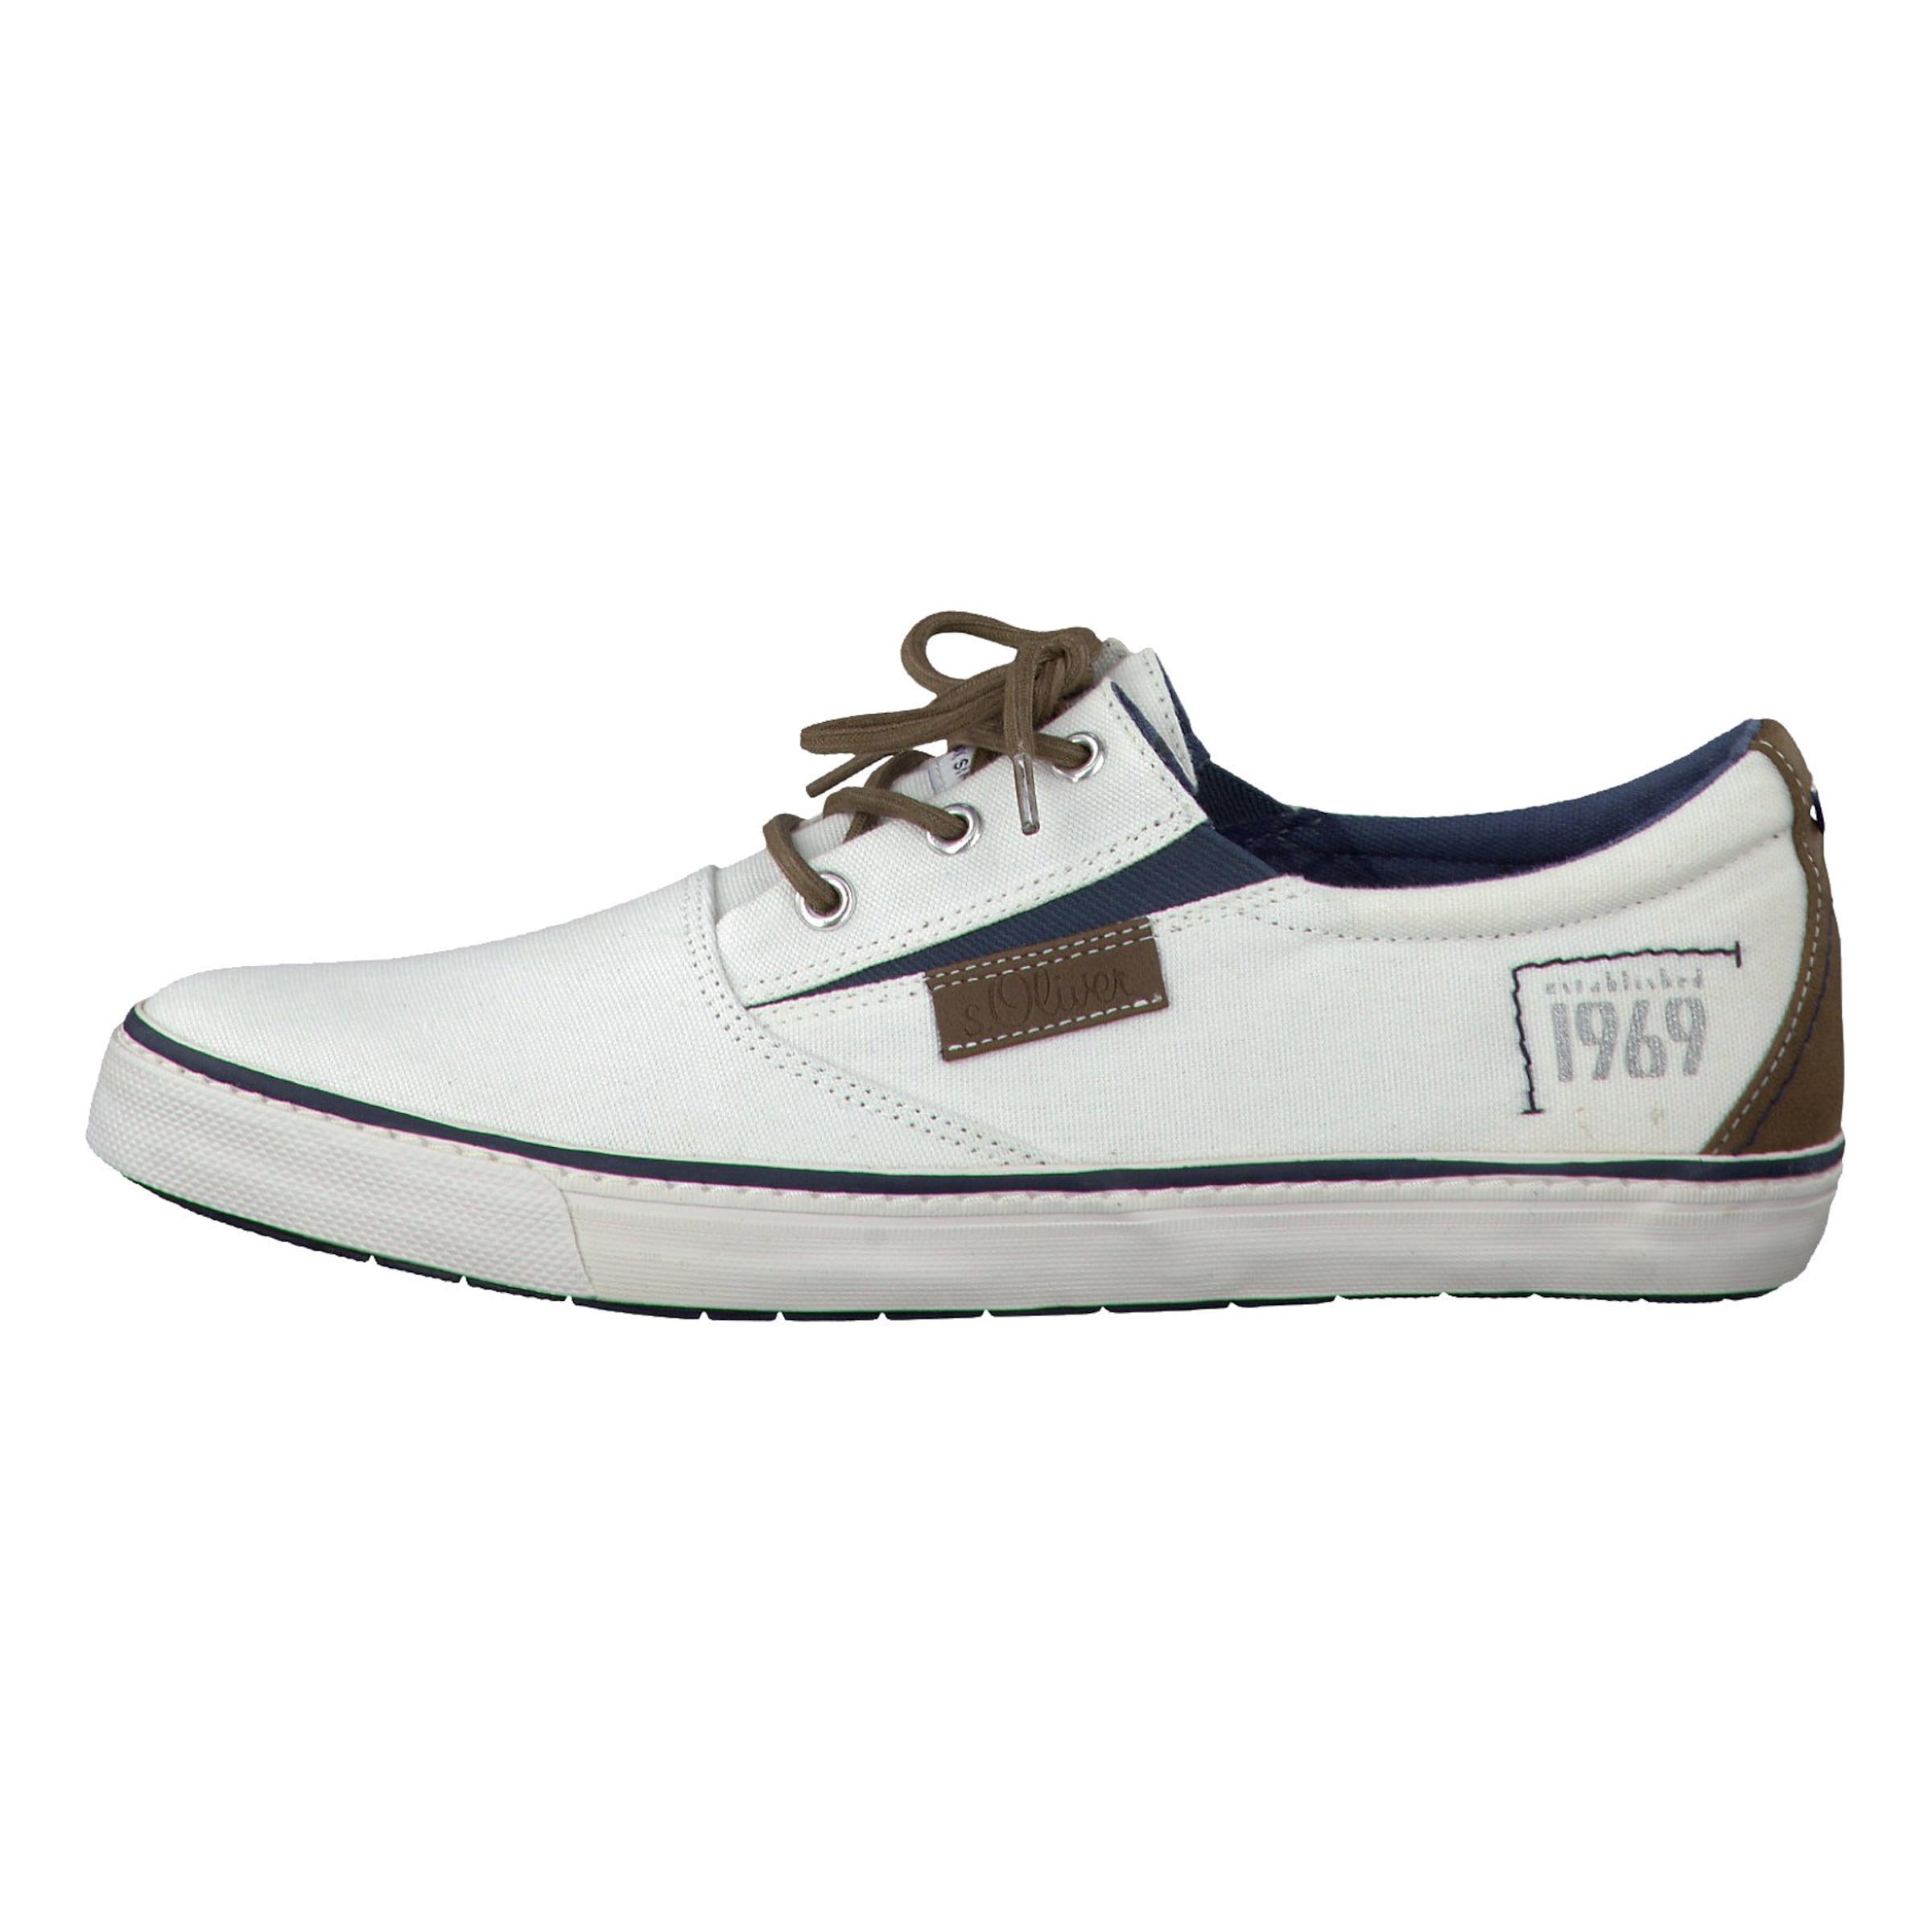 Chaussures Faible Étiquette Rouge Gris Clair S.oliver